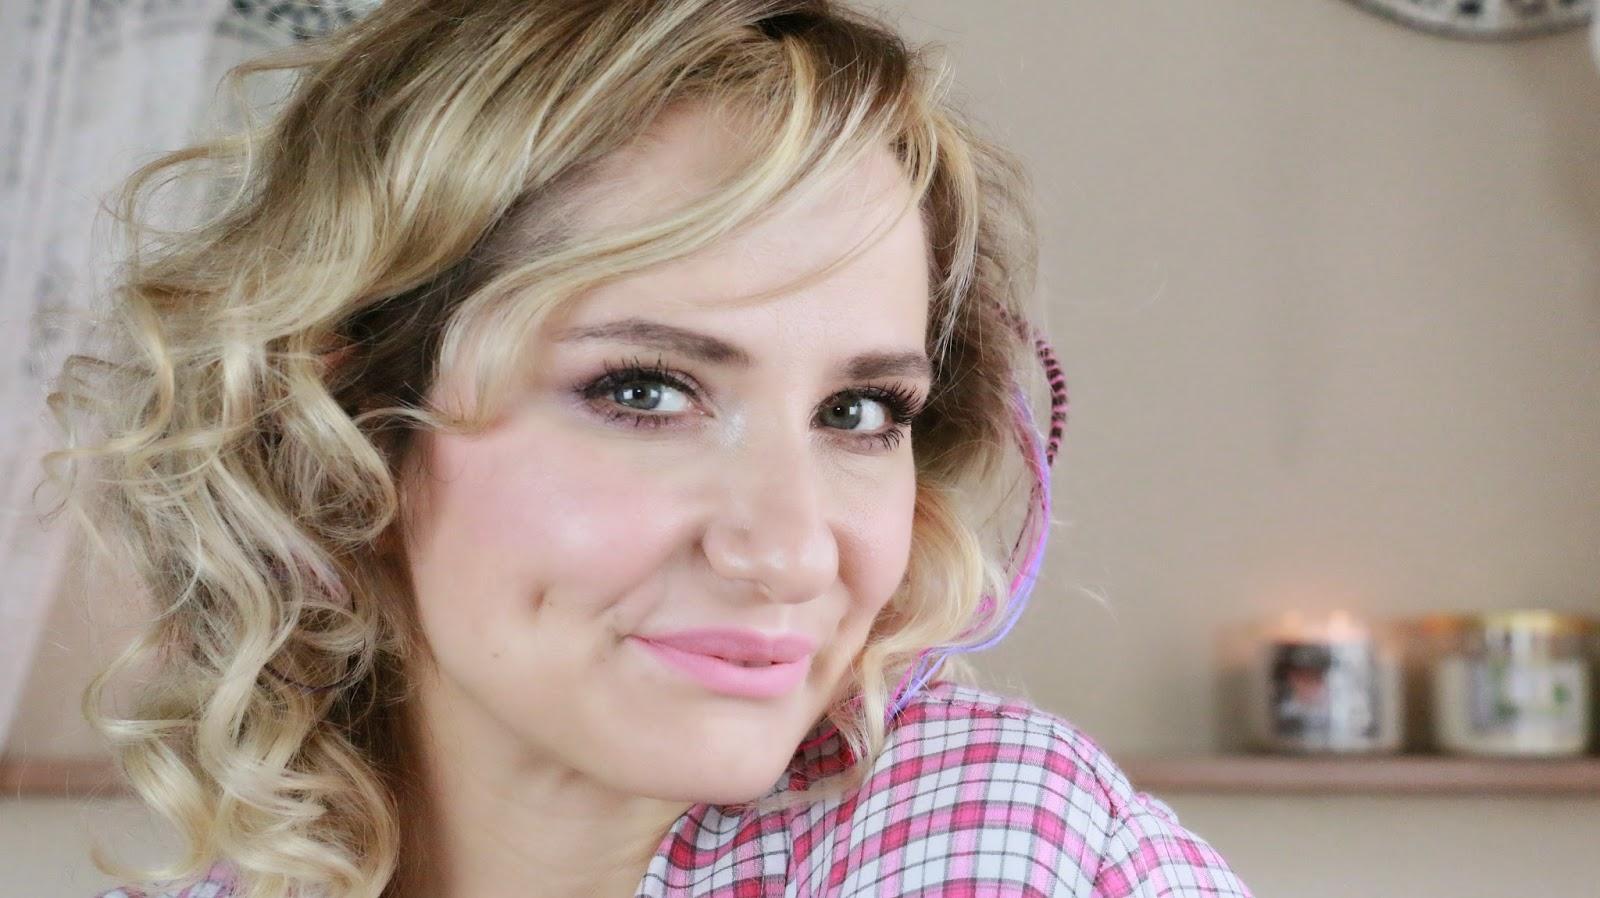 sebnemsblog - youtuber - turkish youtuber - fırçasız makyaj - elle makyaj